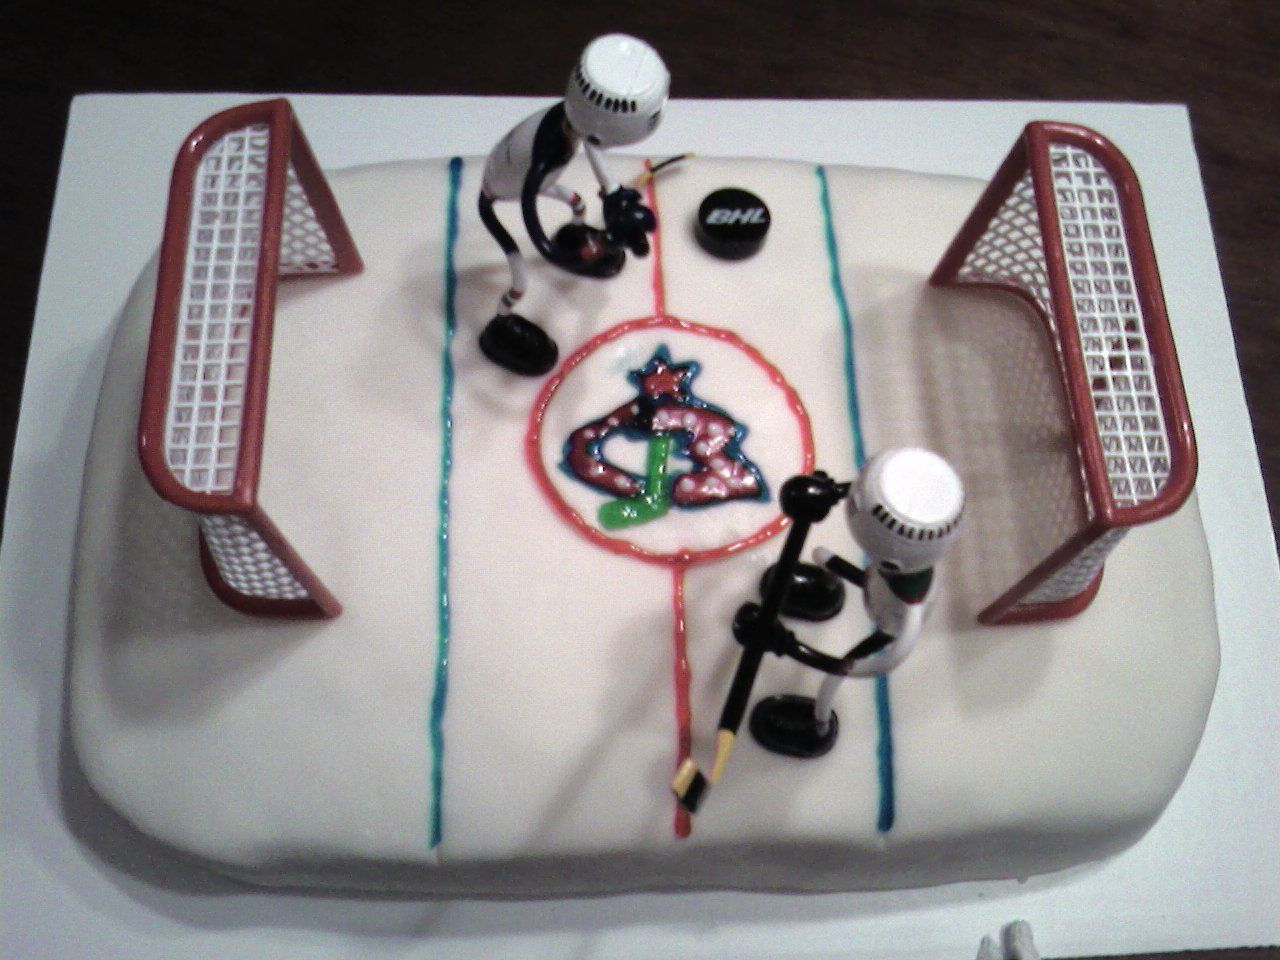 Columbus bluejackets hockey cake cake hockey cakes